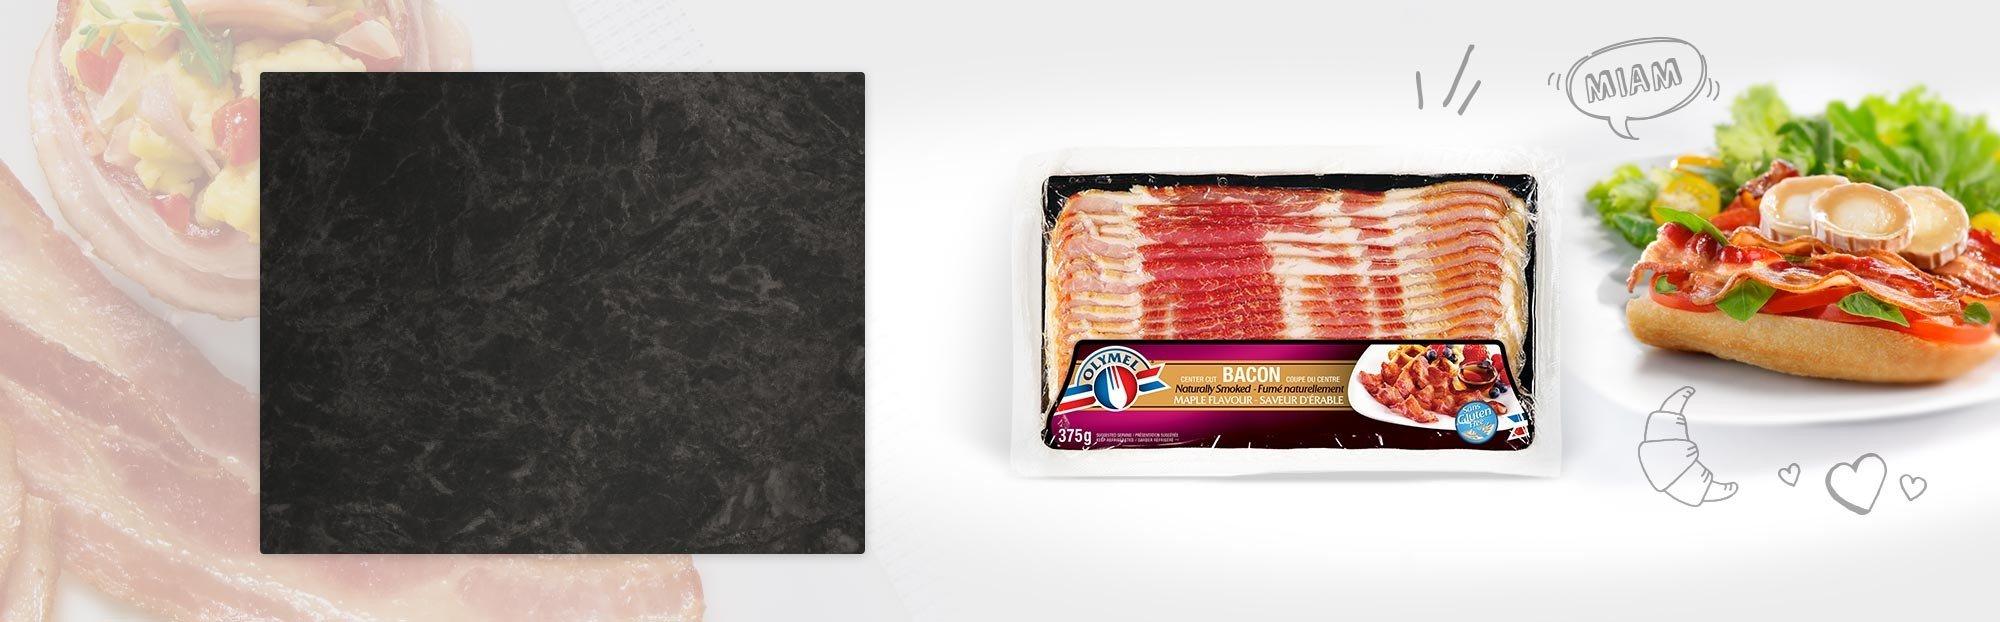 Bacon fumé naturellement à saveur d'érable